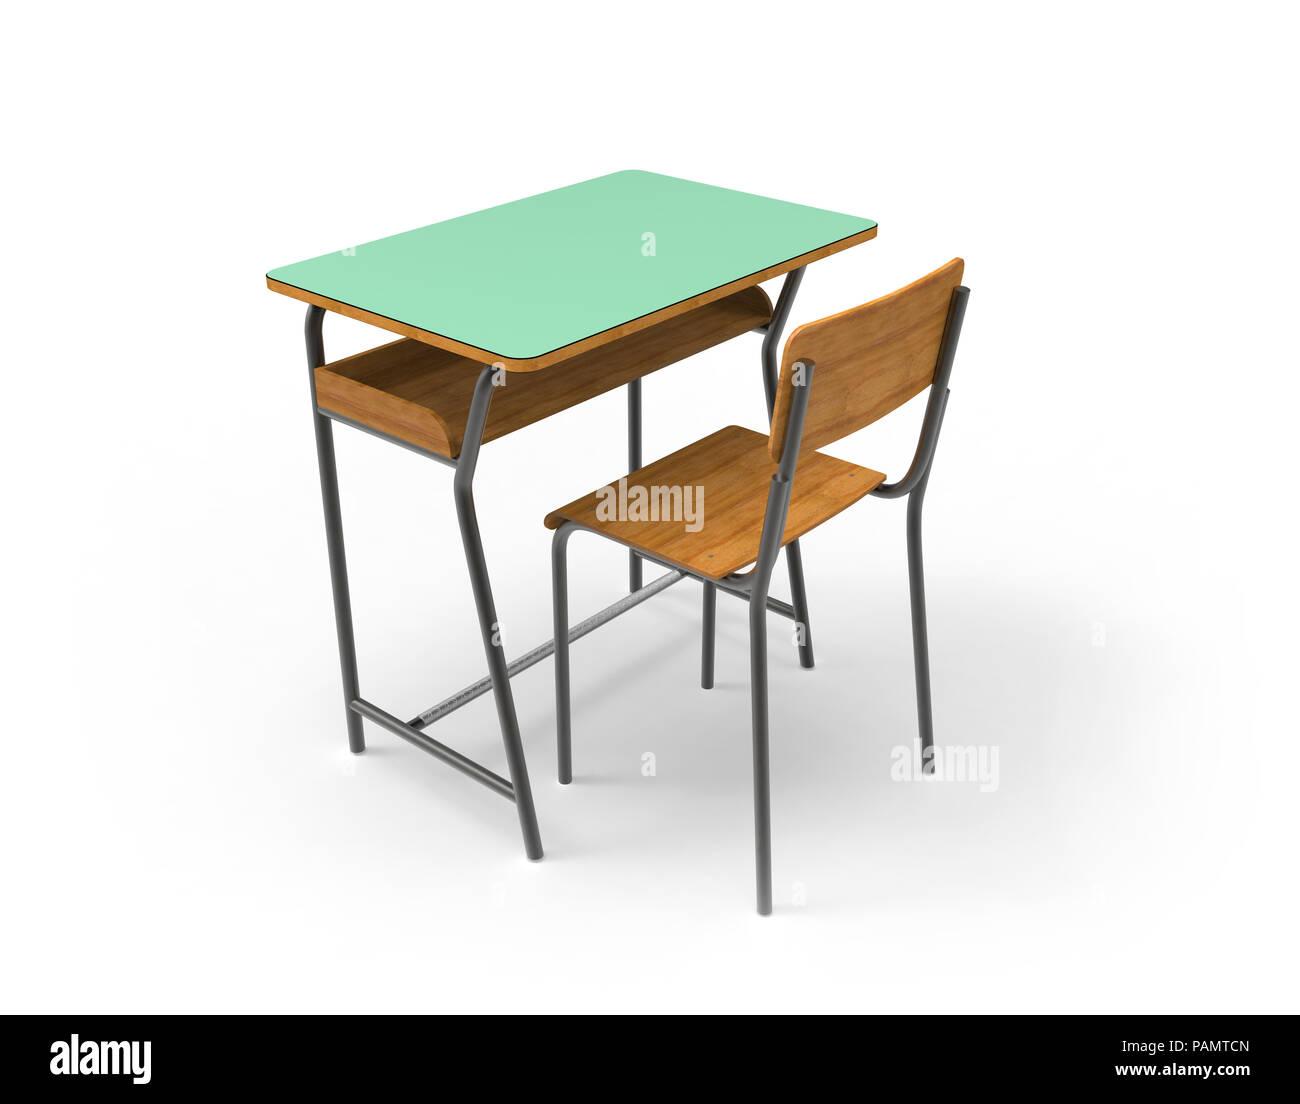 schule schreibtisch mit stuhl auf wei em hintergrund stockfoto bild 213129189 alamy. Black Bedroom Furniture Sets. Home Design Ideas